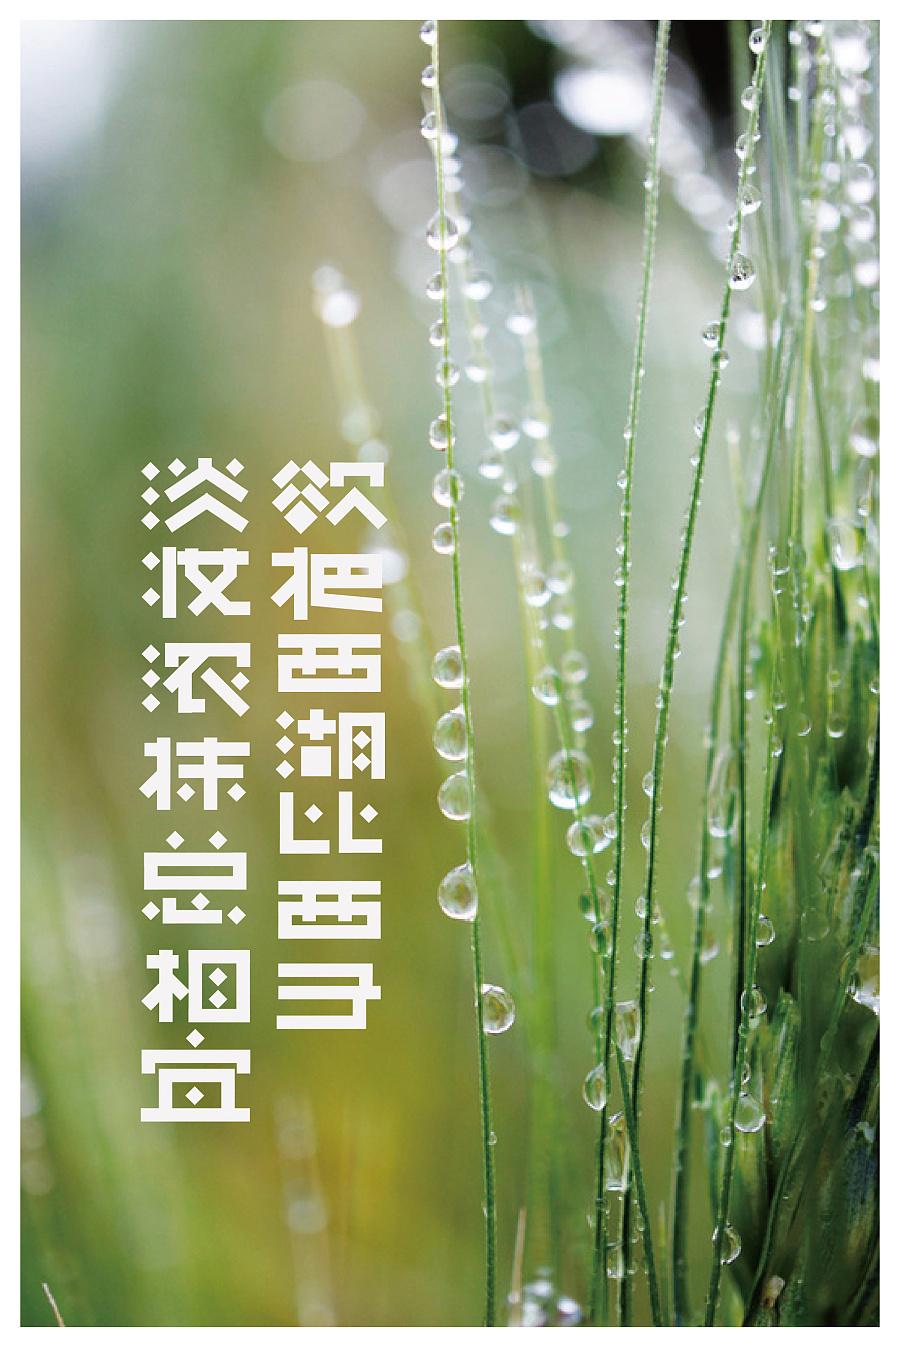 戊辰设计【描写西湖的诗句】|字体\/字形|平面|张